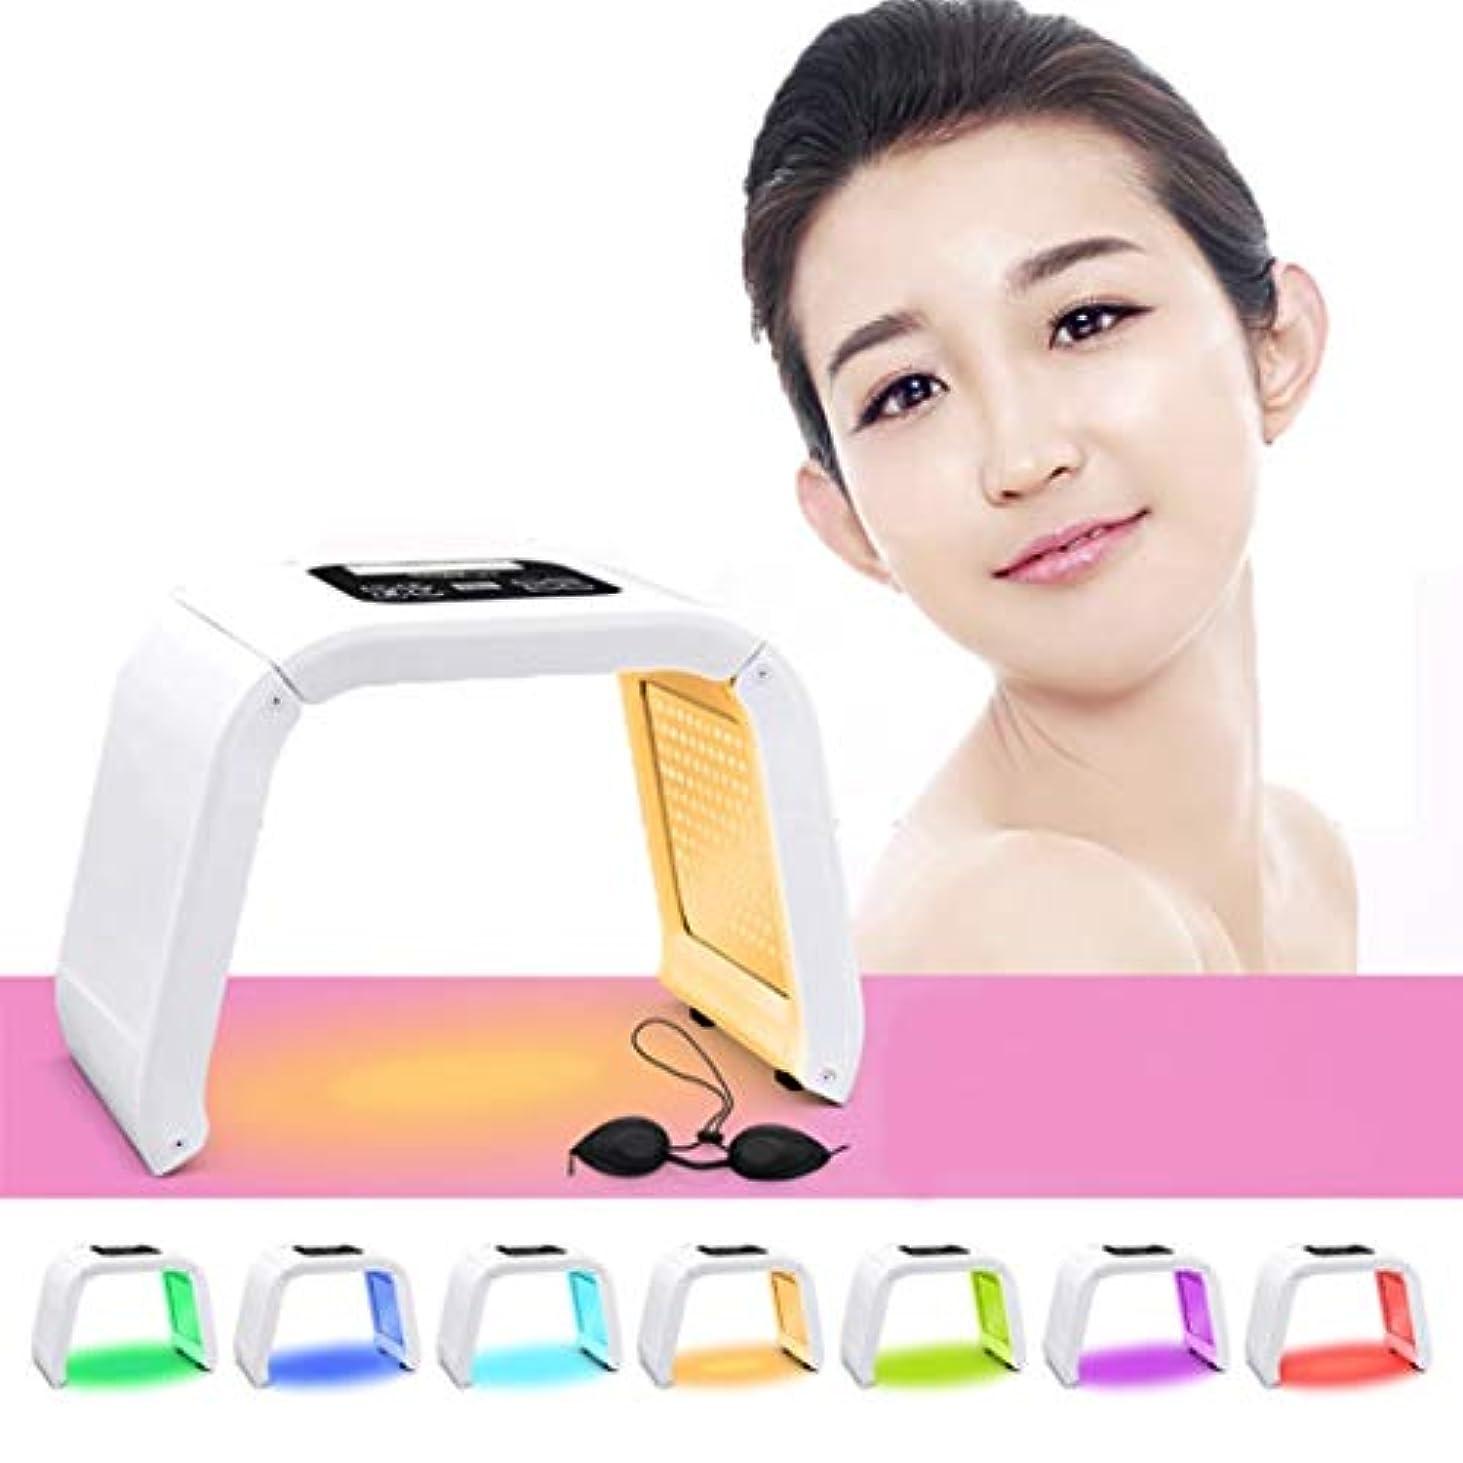 比喩害収容するLZPZP 健康な肌のための美容マシンの肌の若返りLED機器、若返りコラーゲンPDTにきび治療しわ除去アンチエイジング LZPZP